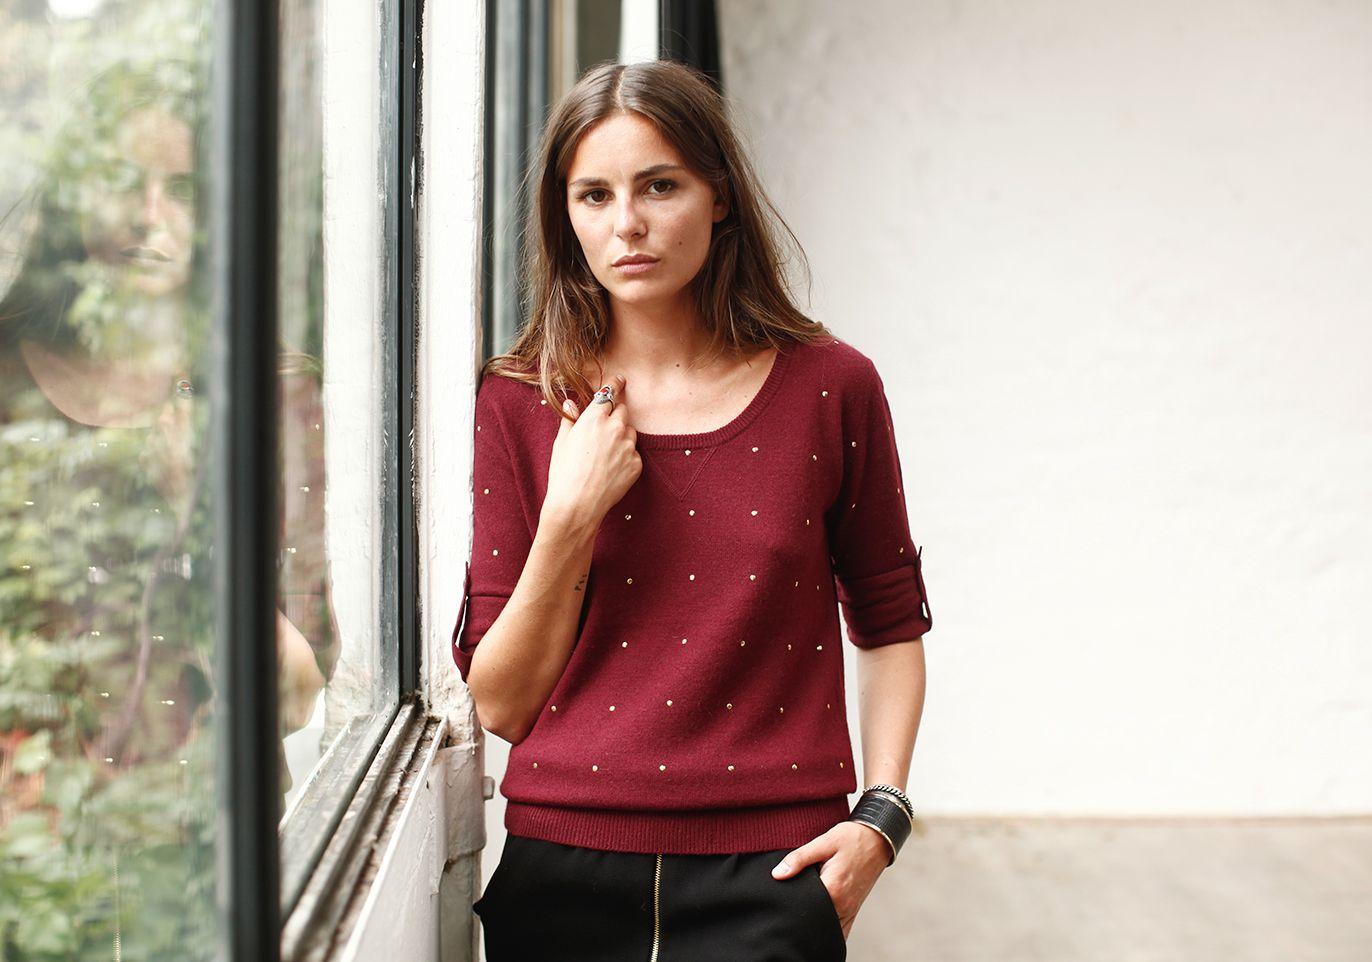 Fall collection 2013 by SÉZANE / SEZANE by Morgane Sezalory http://www.sezane.com  *Roy sweater